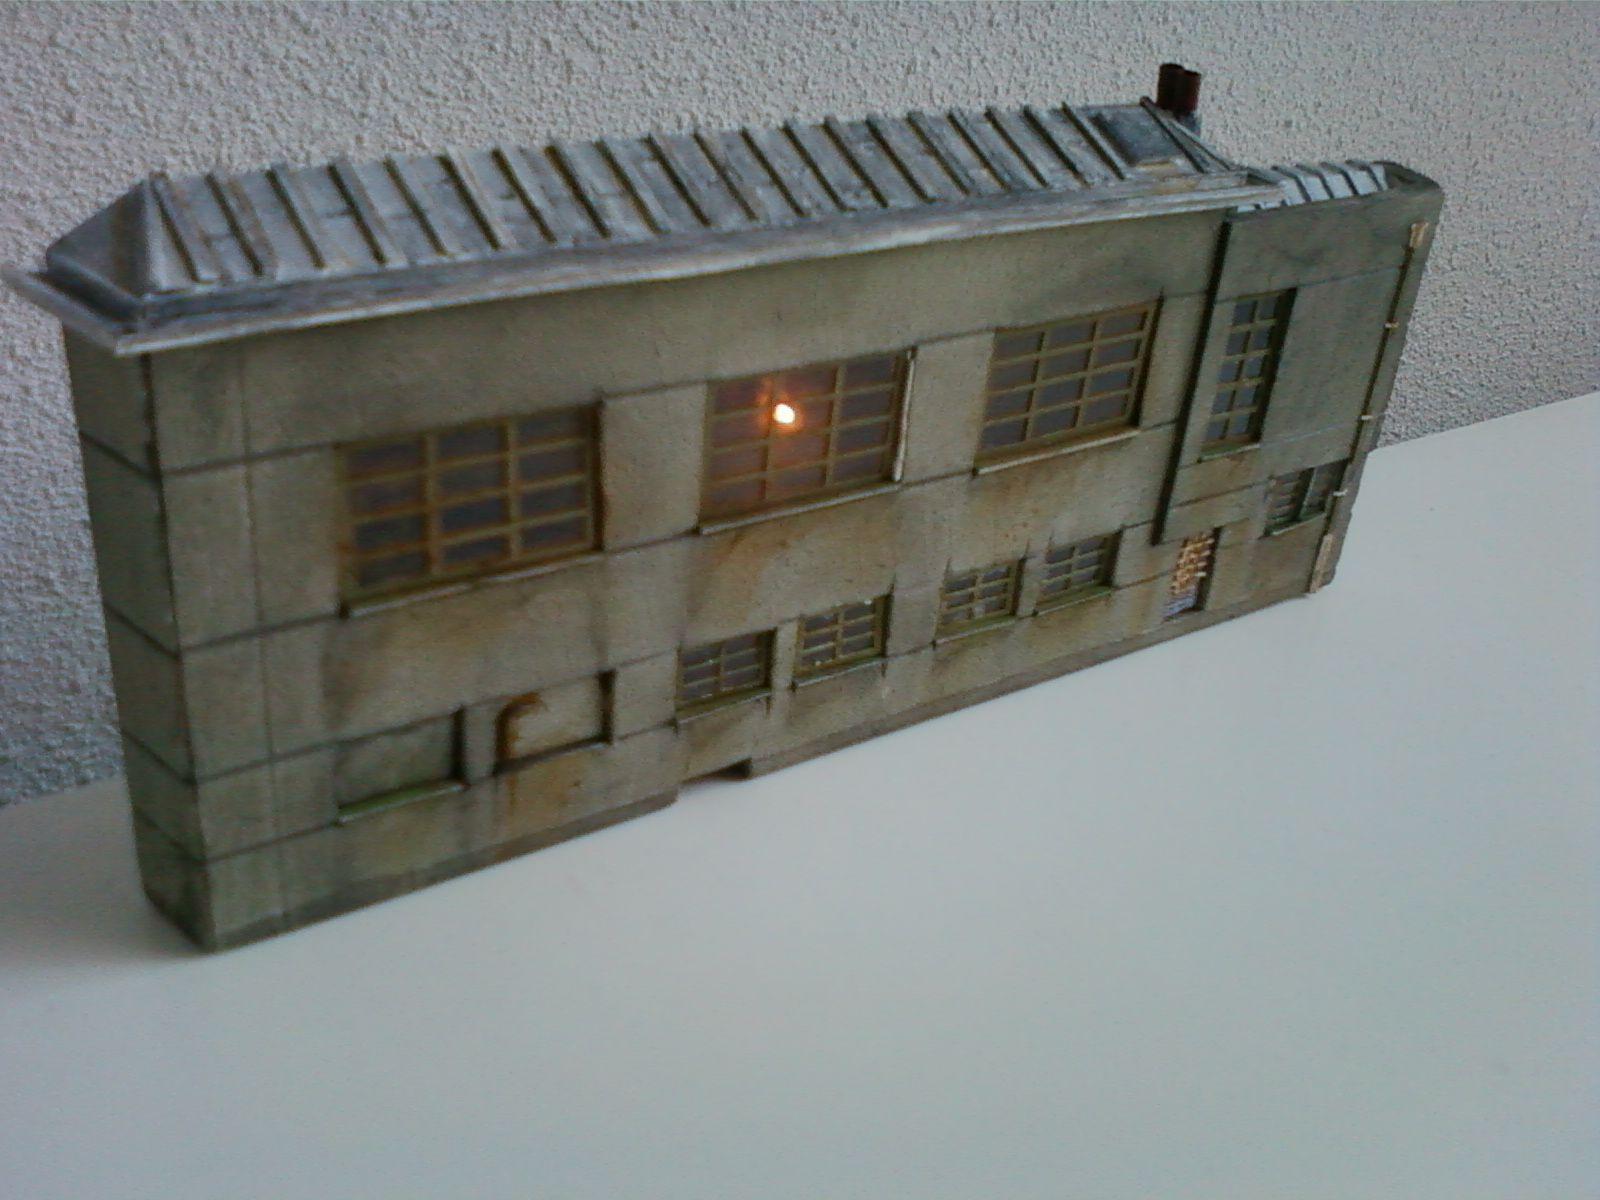 Betonnen gebouw, Art Deco stijl, halfreliëf of facade